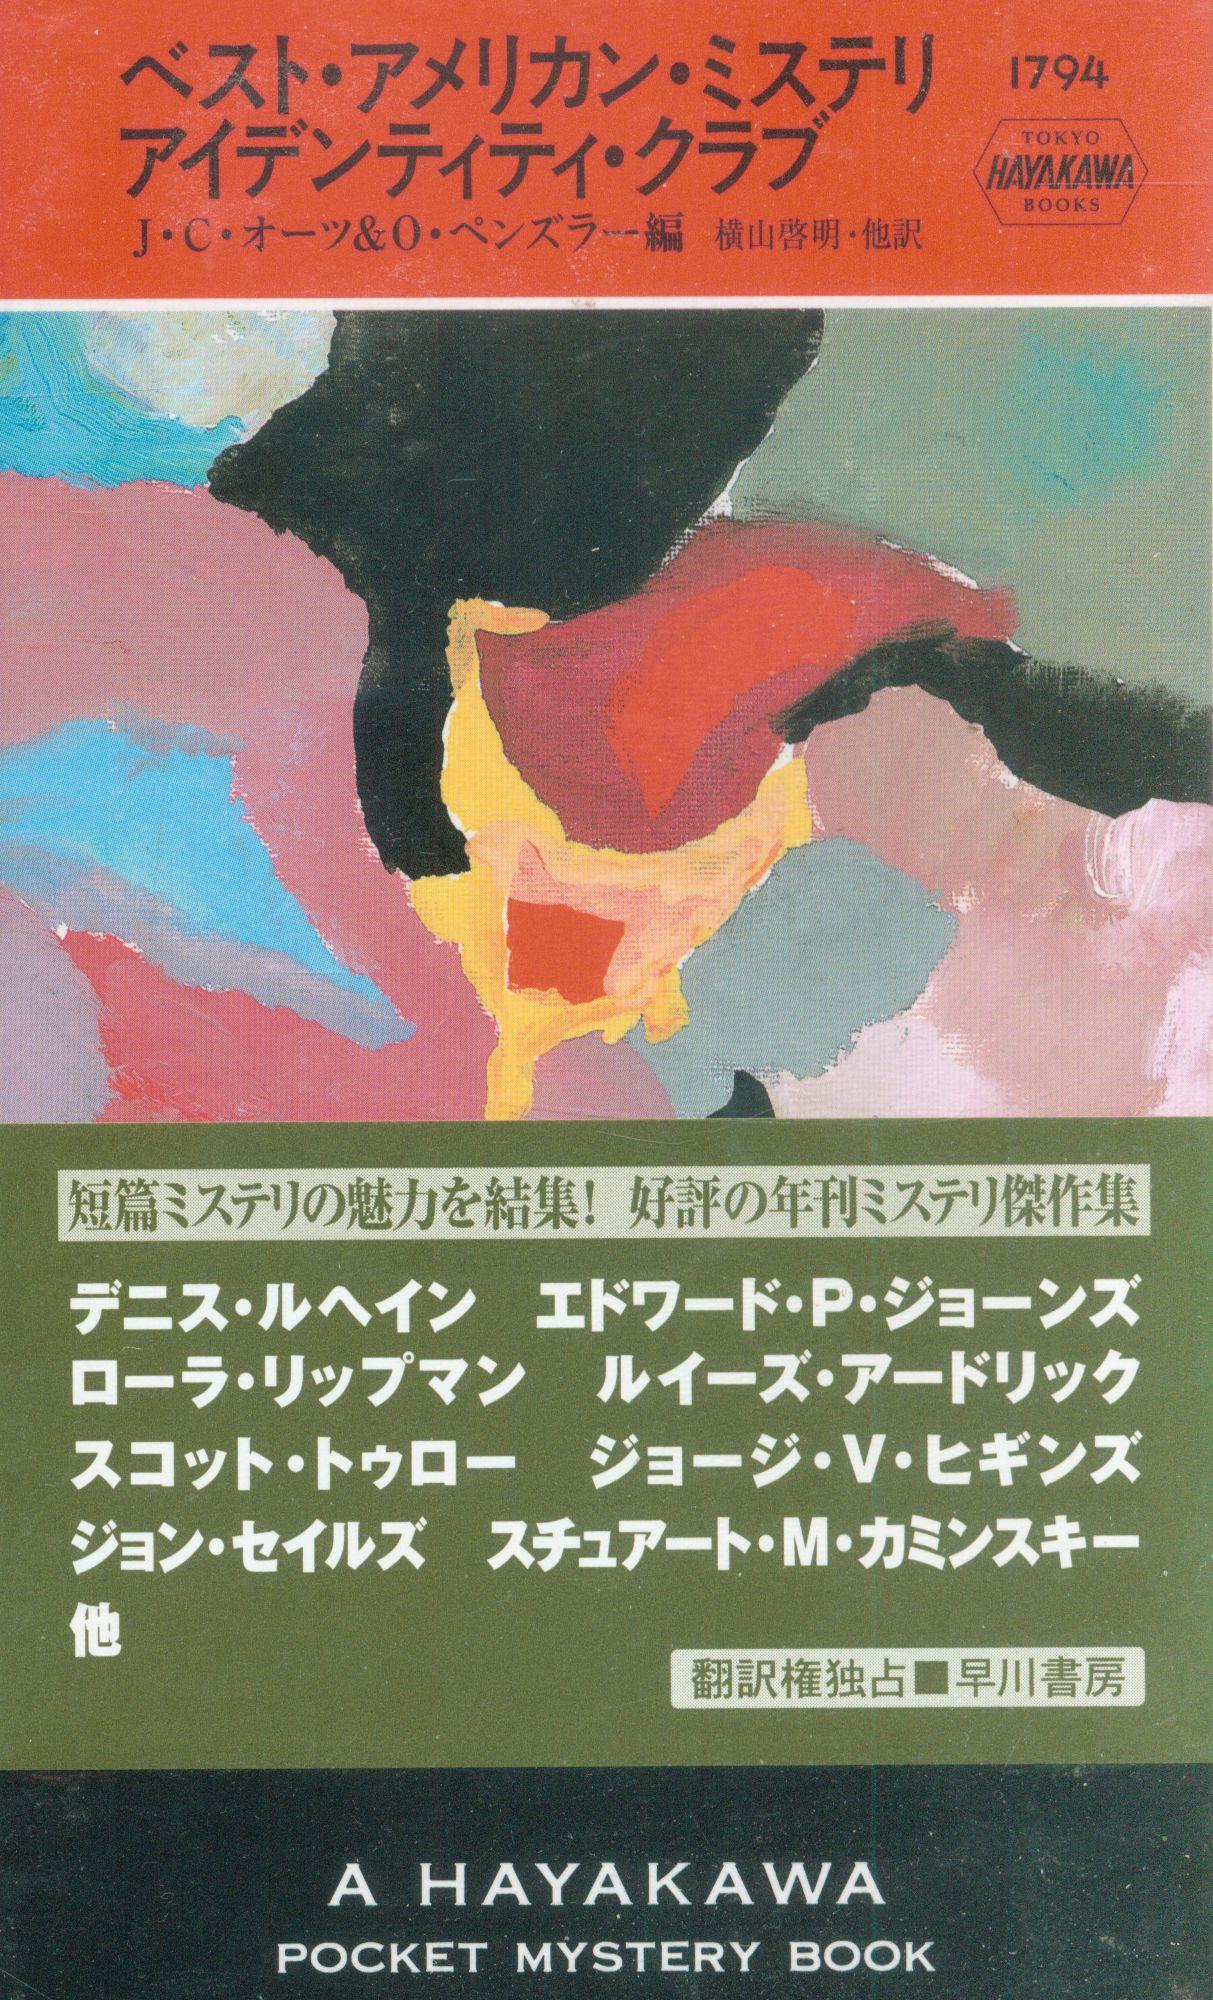 ハヤカワ・ポケット・ミステリ 1794 オーツ&ペンズラー ベスト ...